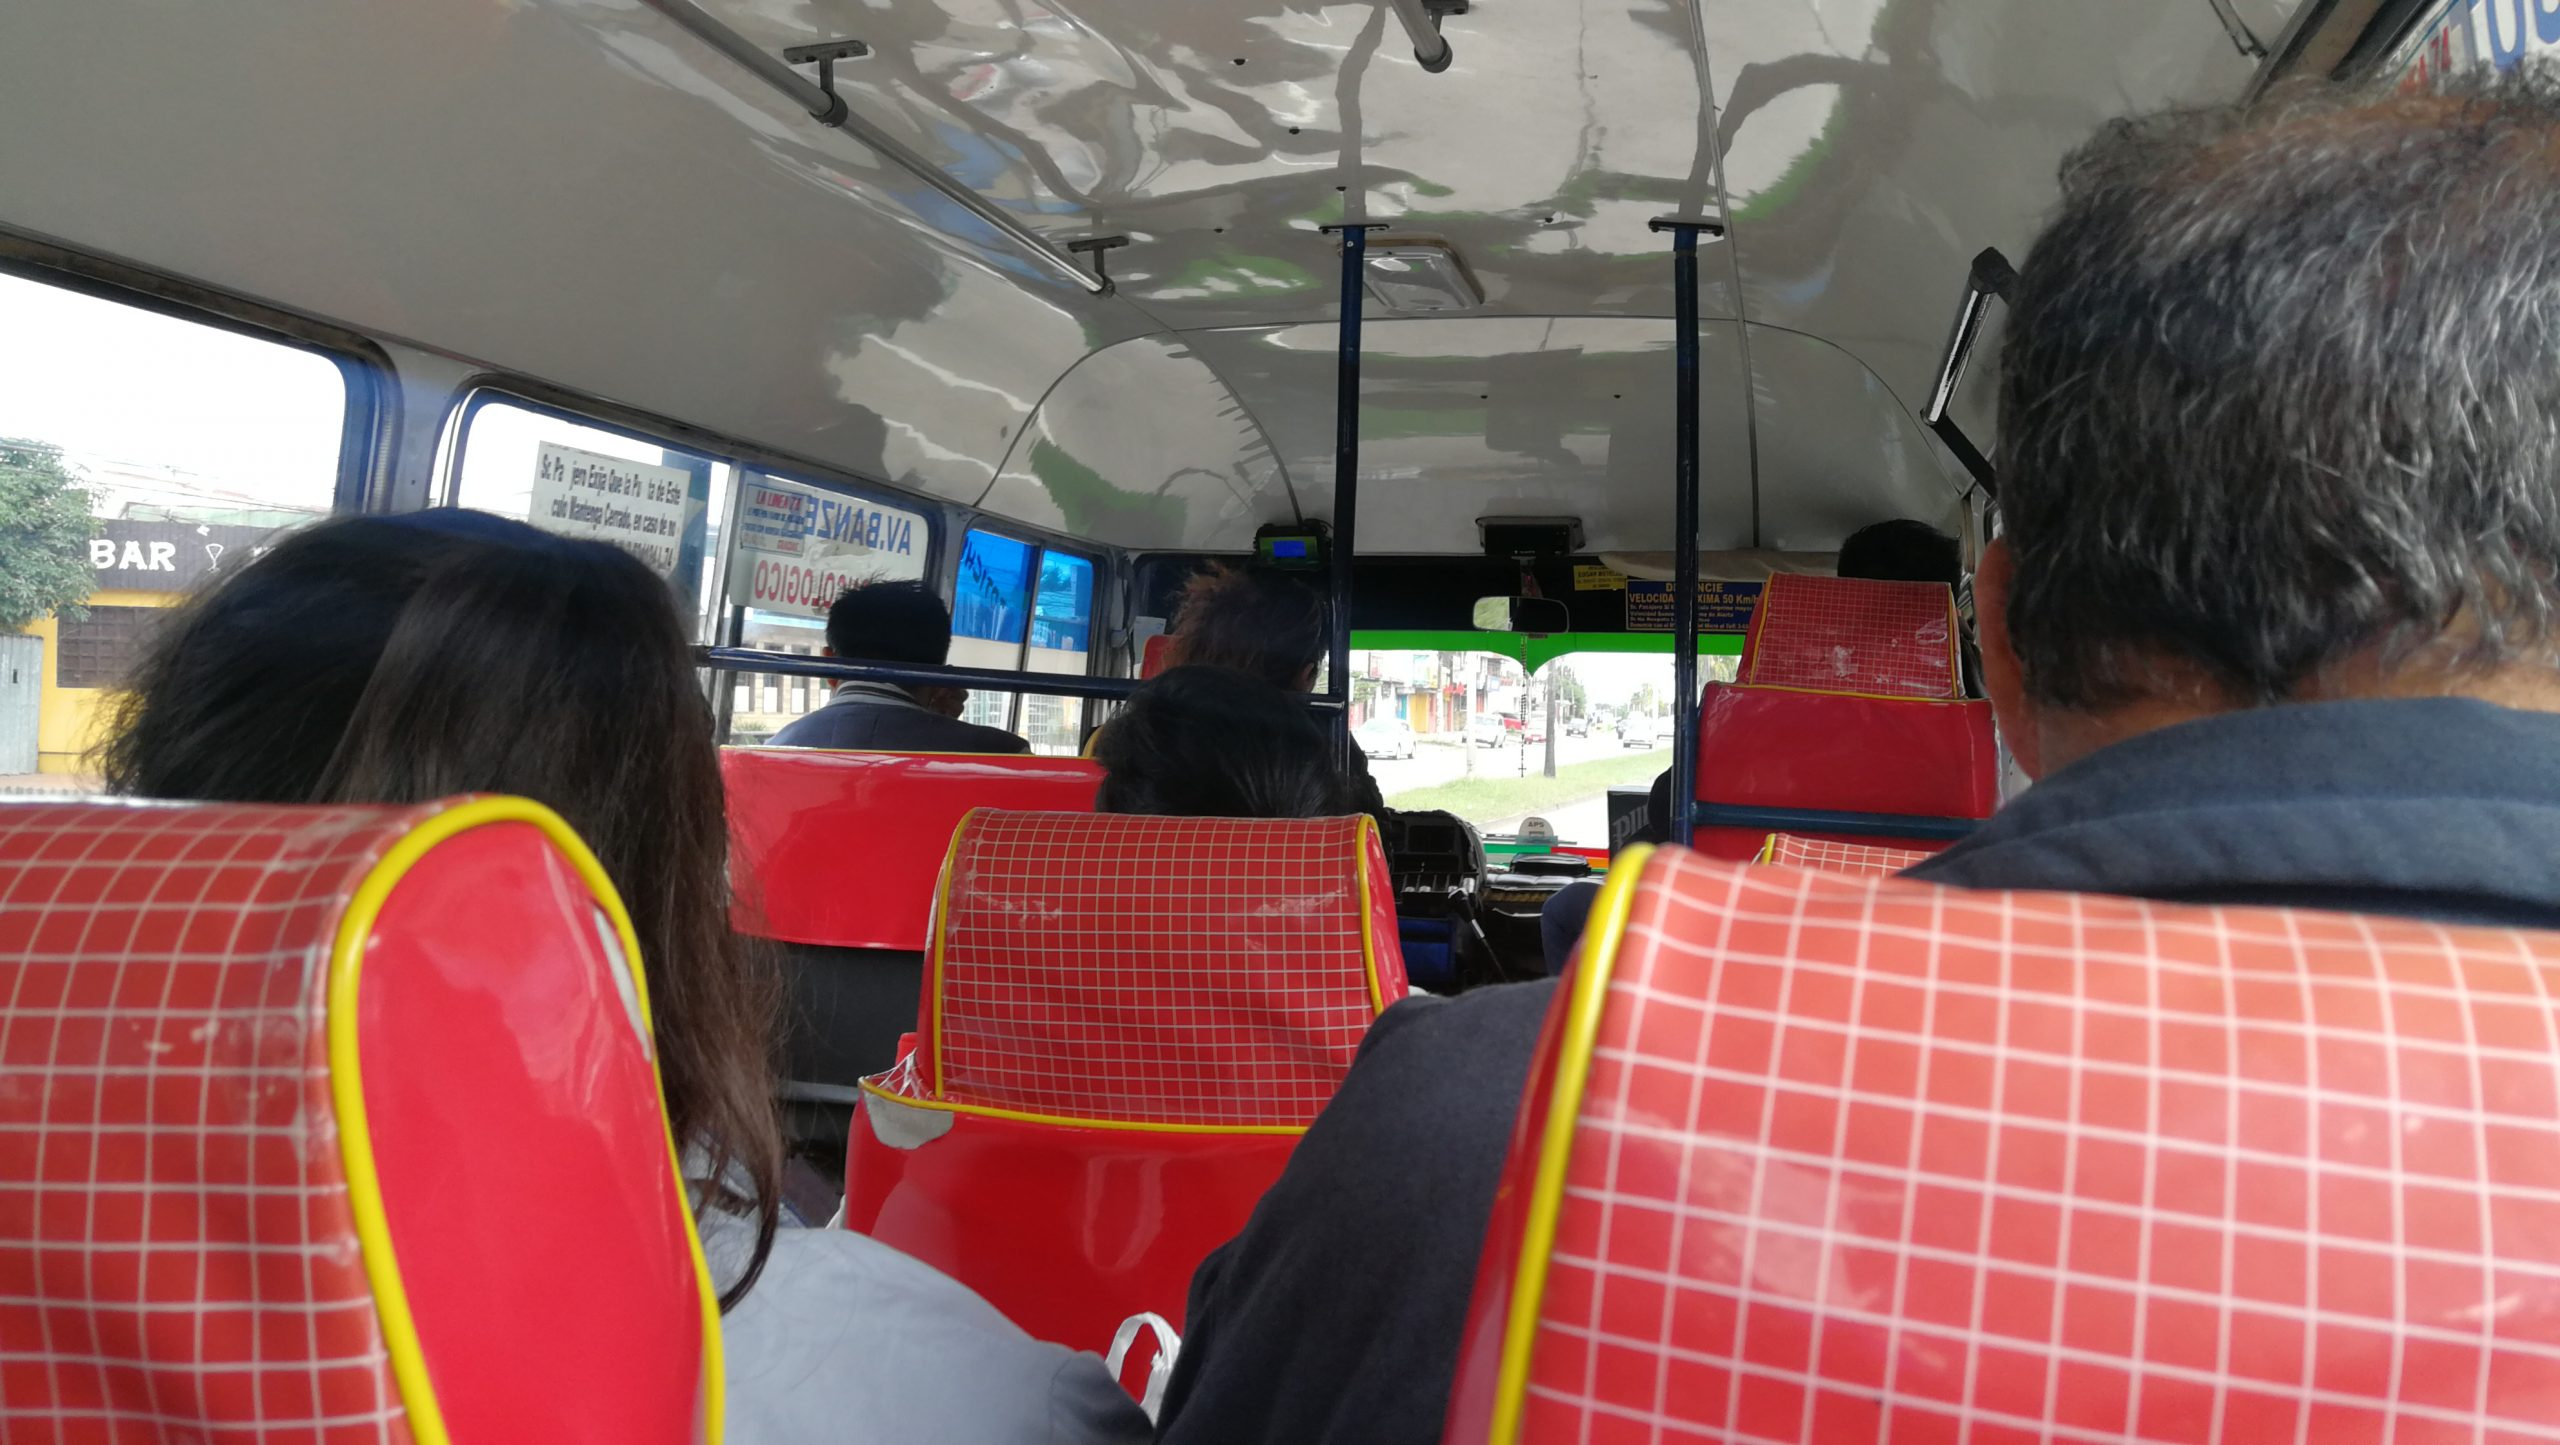 Finalmente, Alcaldía y Transporte acuerda que el servicio volverá el 6 de julio